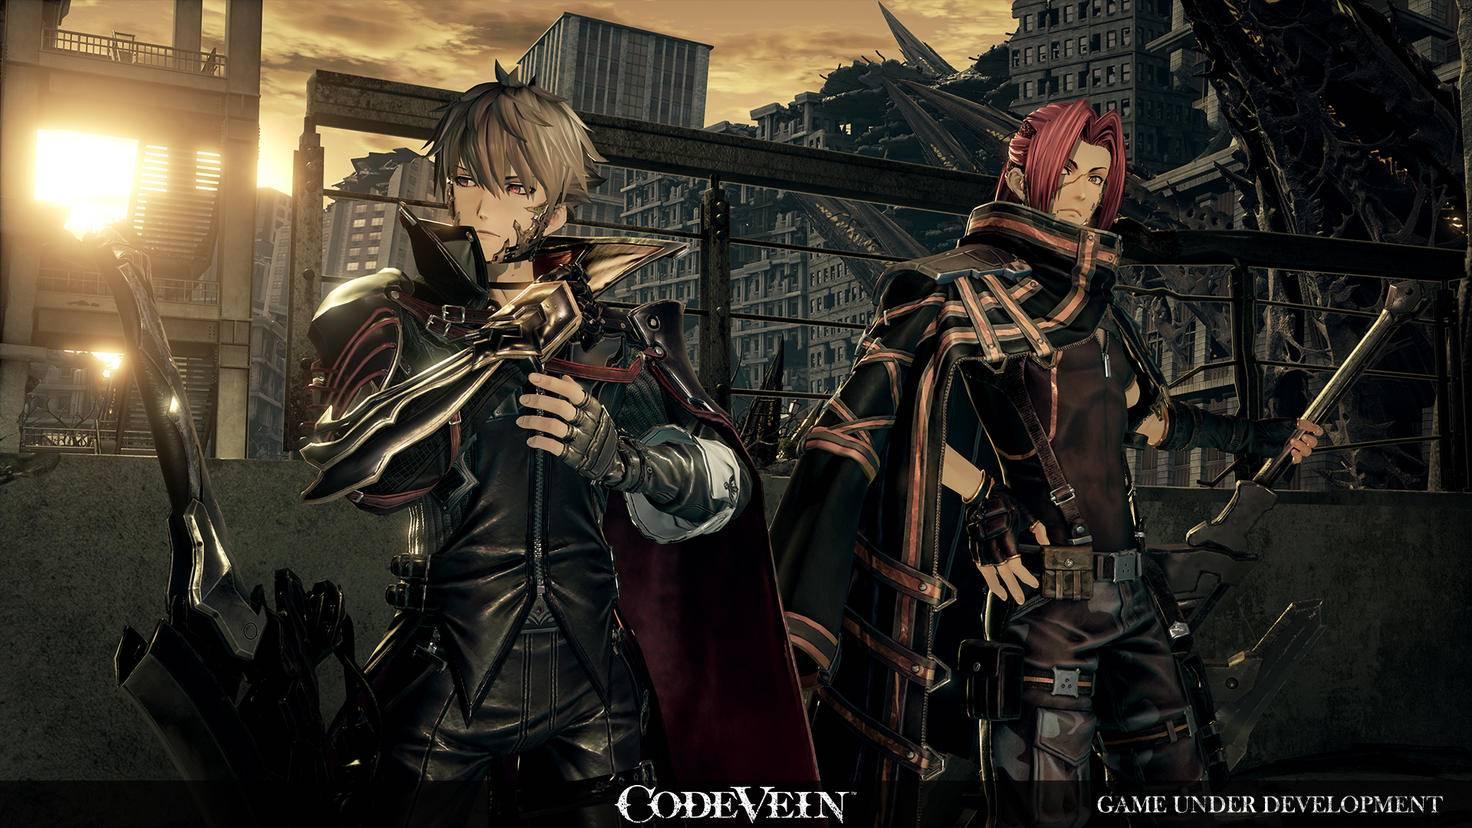 """Vampire sind die Hauptfiguren in """"Code Vein""""."""